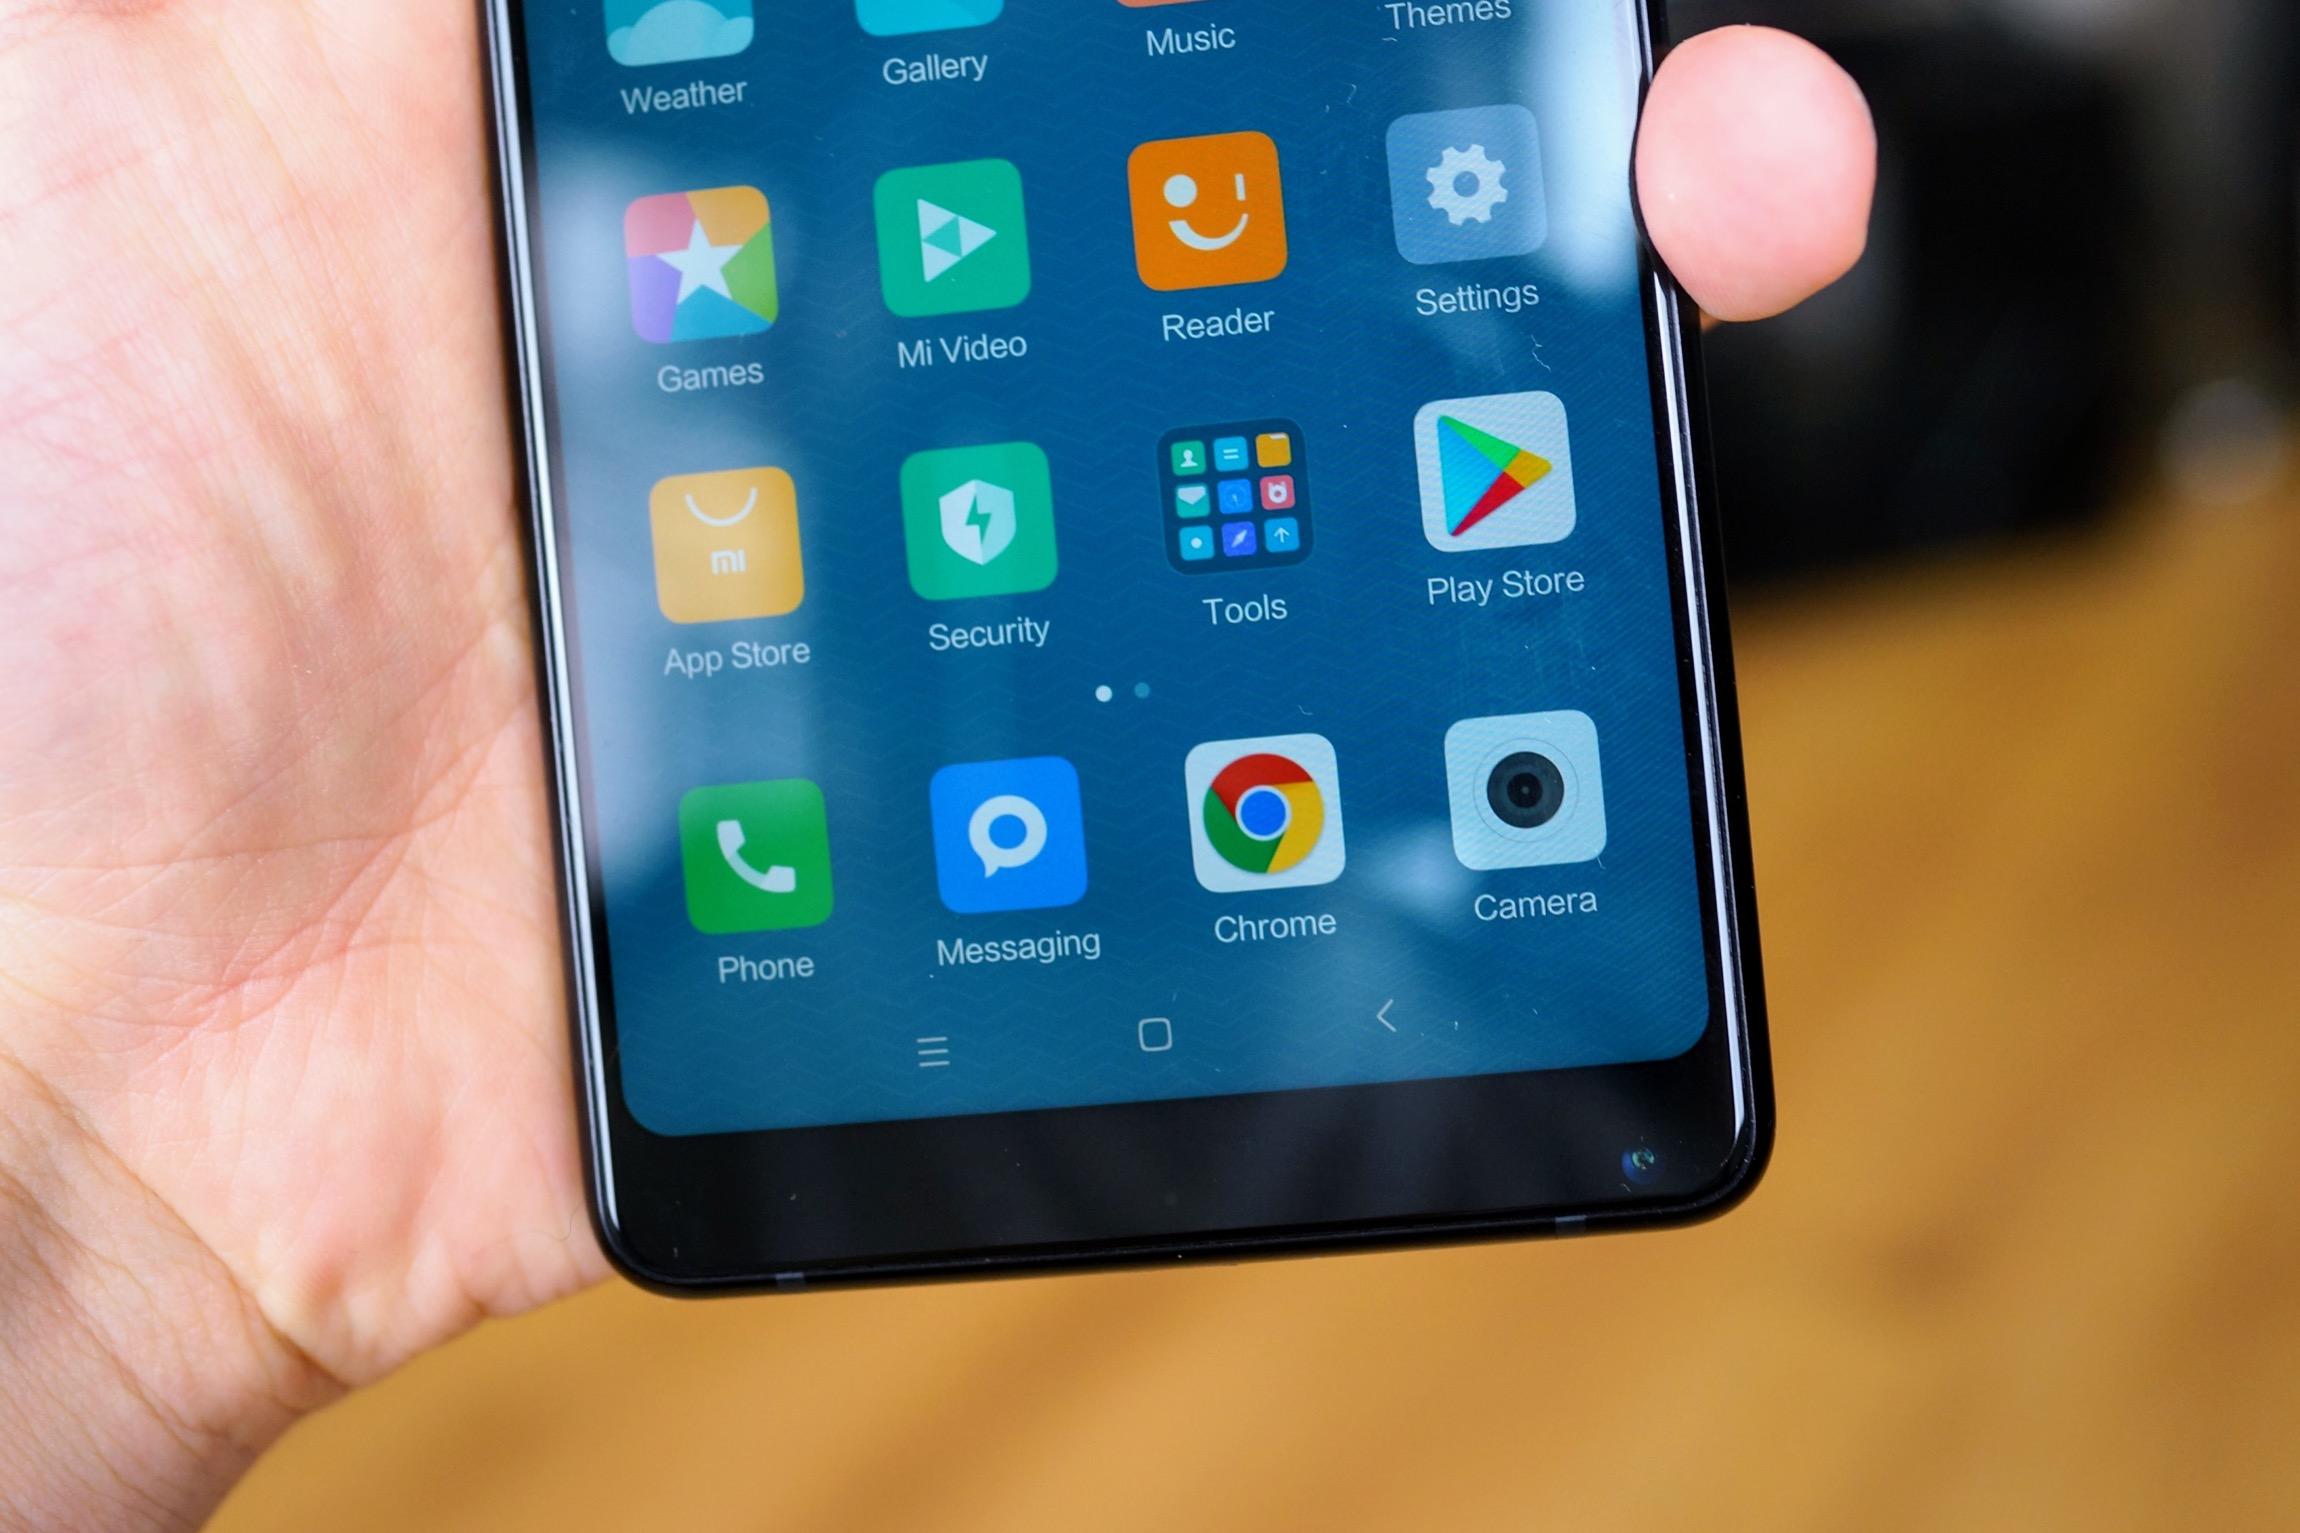 Xiaomi n'a pas besoin de nous pour devenir une énorme entreprise